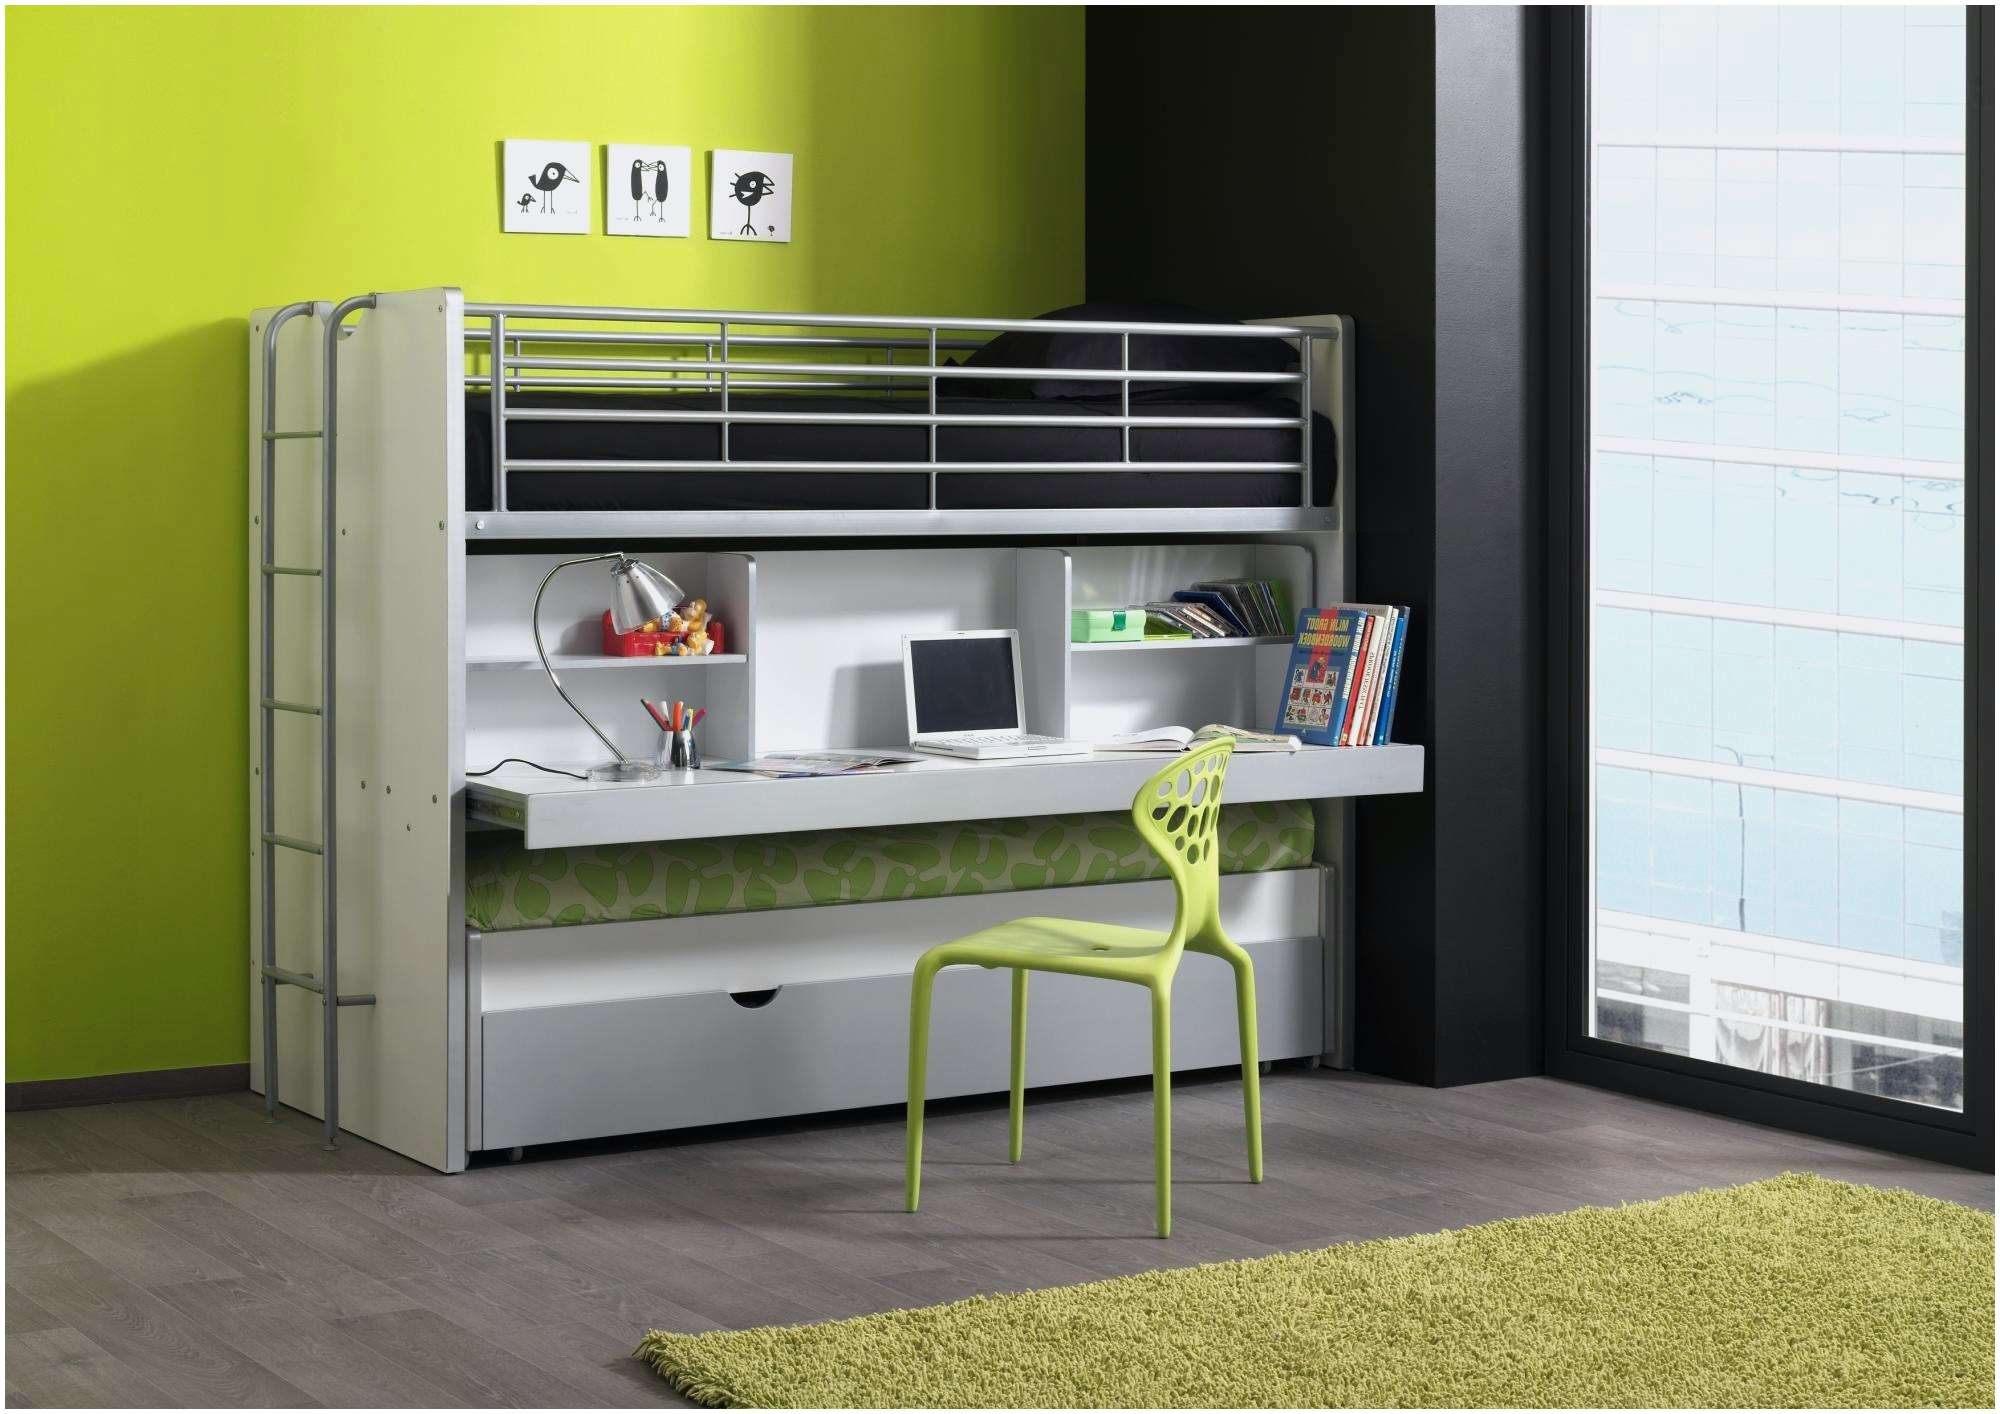 Plan Incliné Lit Bébé Impressionnant 53 Lit Superposé Adulte Ikea Idee Jongor4hire